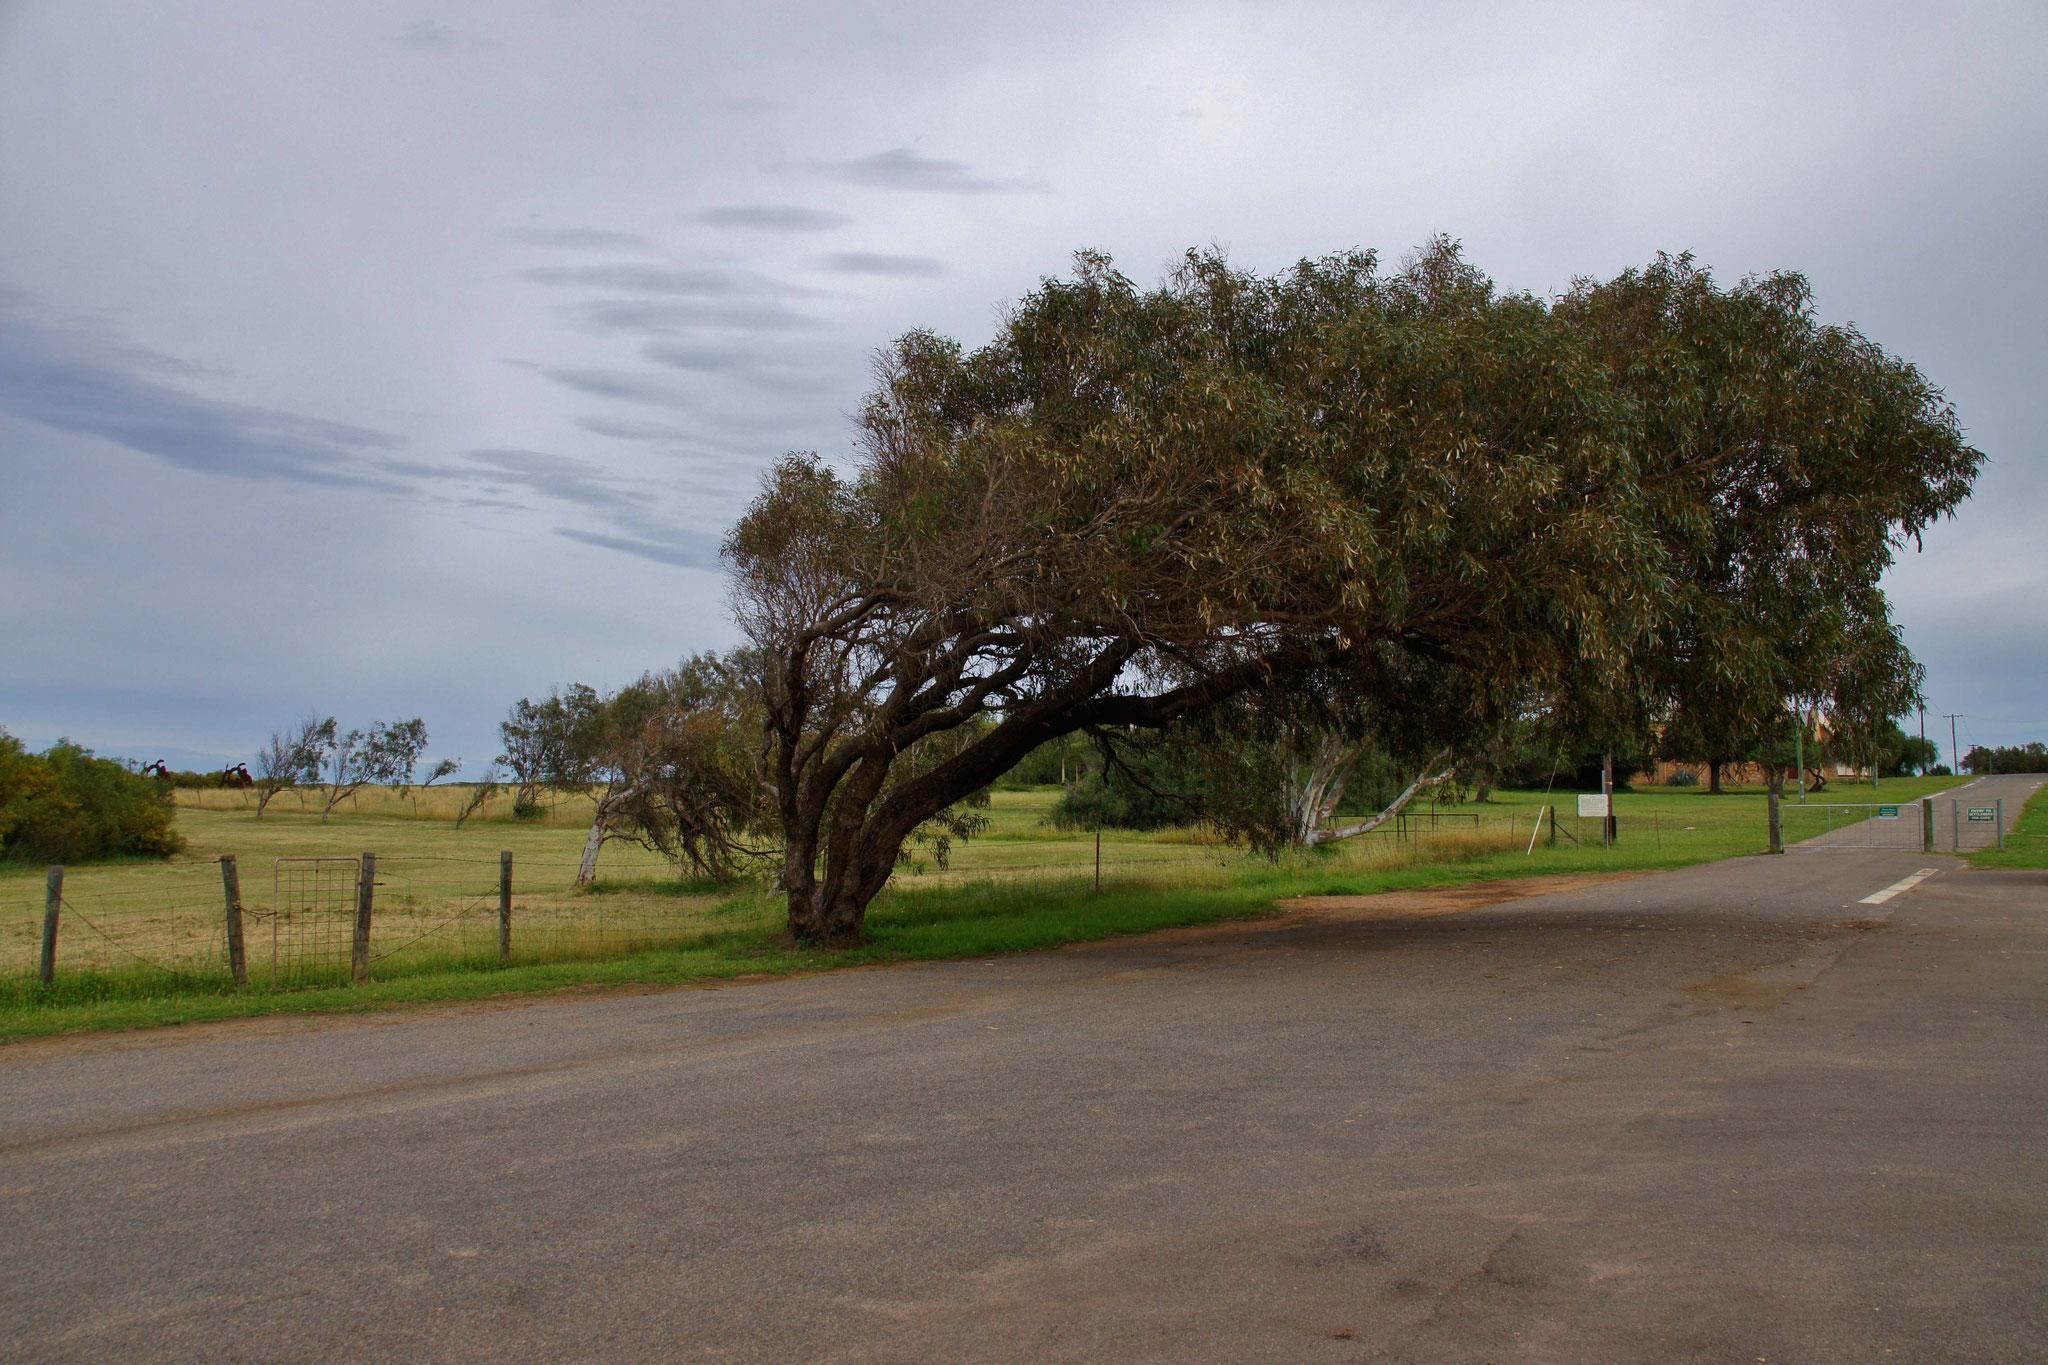 Leaning tree - durch ständige, aus der gleichen Richtung kommende Winde geneigte Bäume